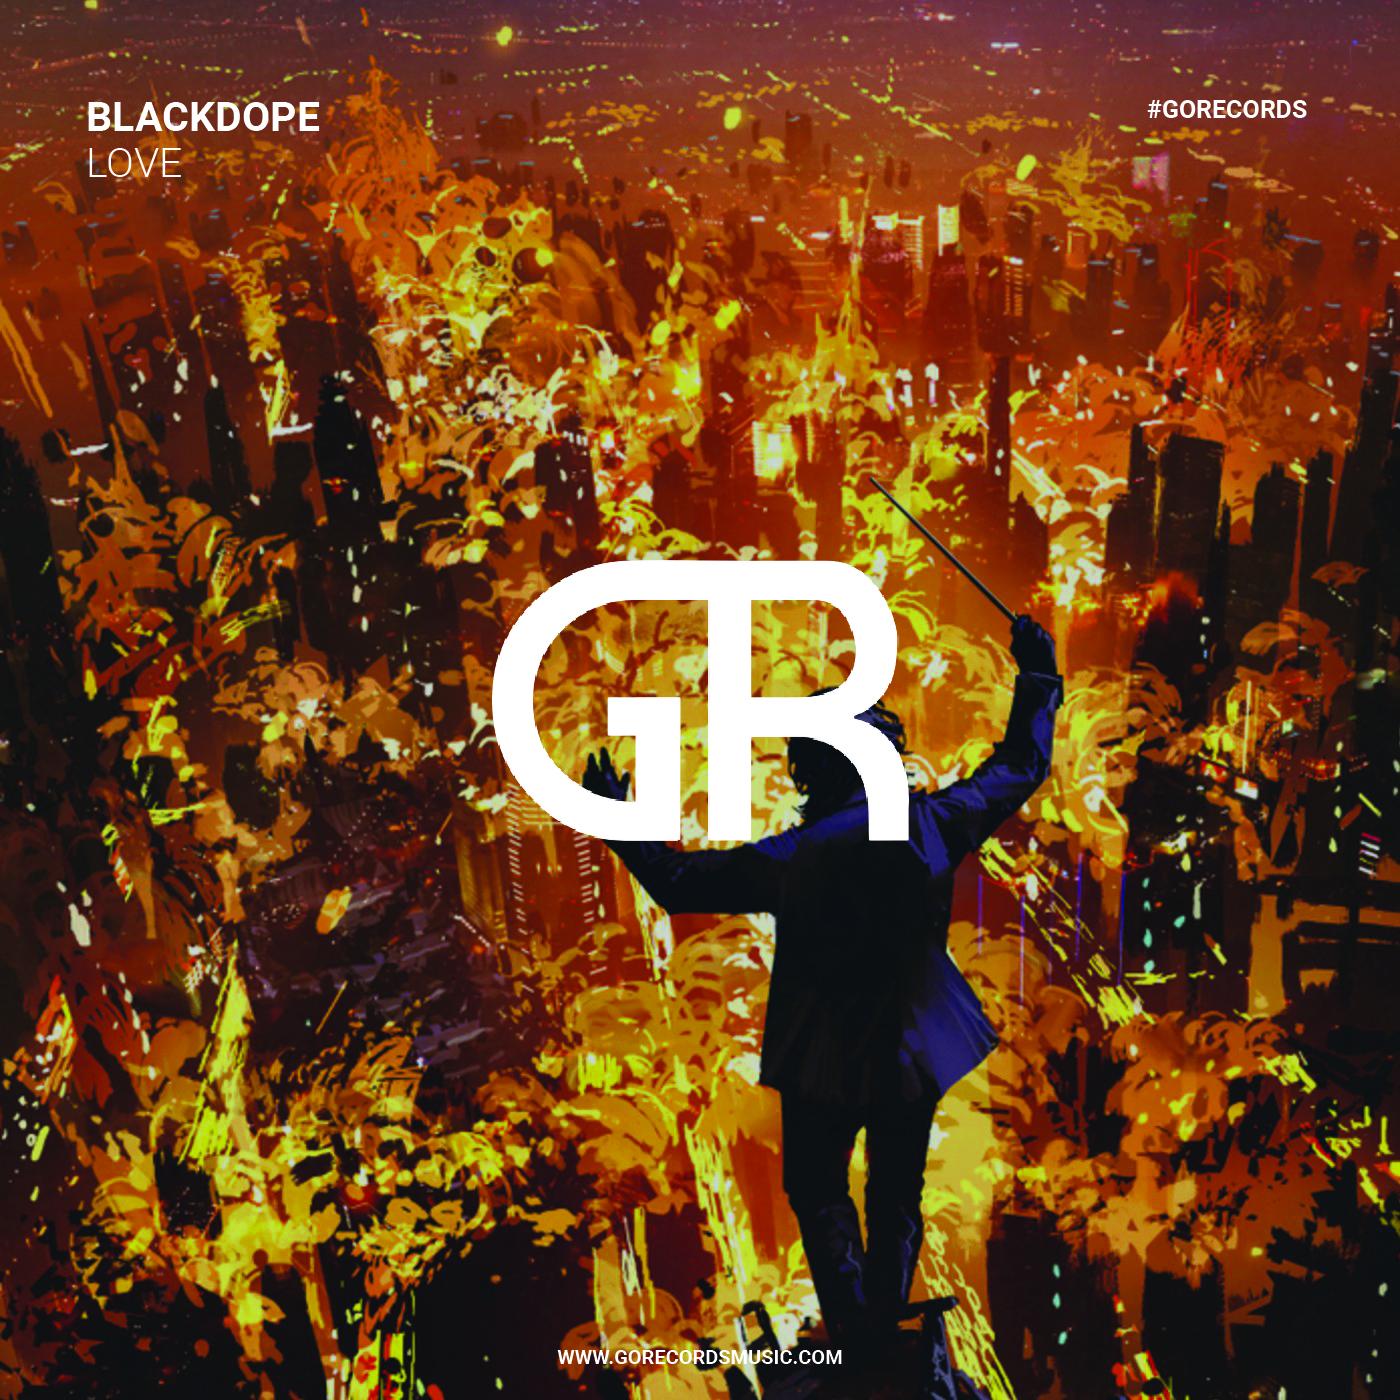 BLACKDOPE - LOVE